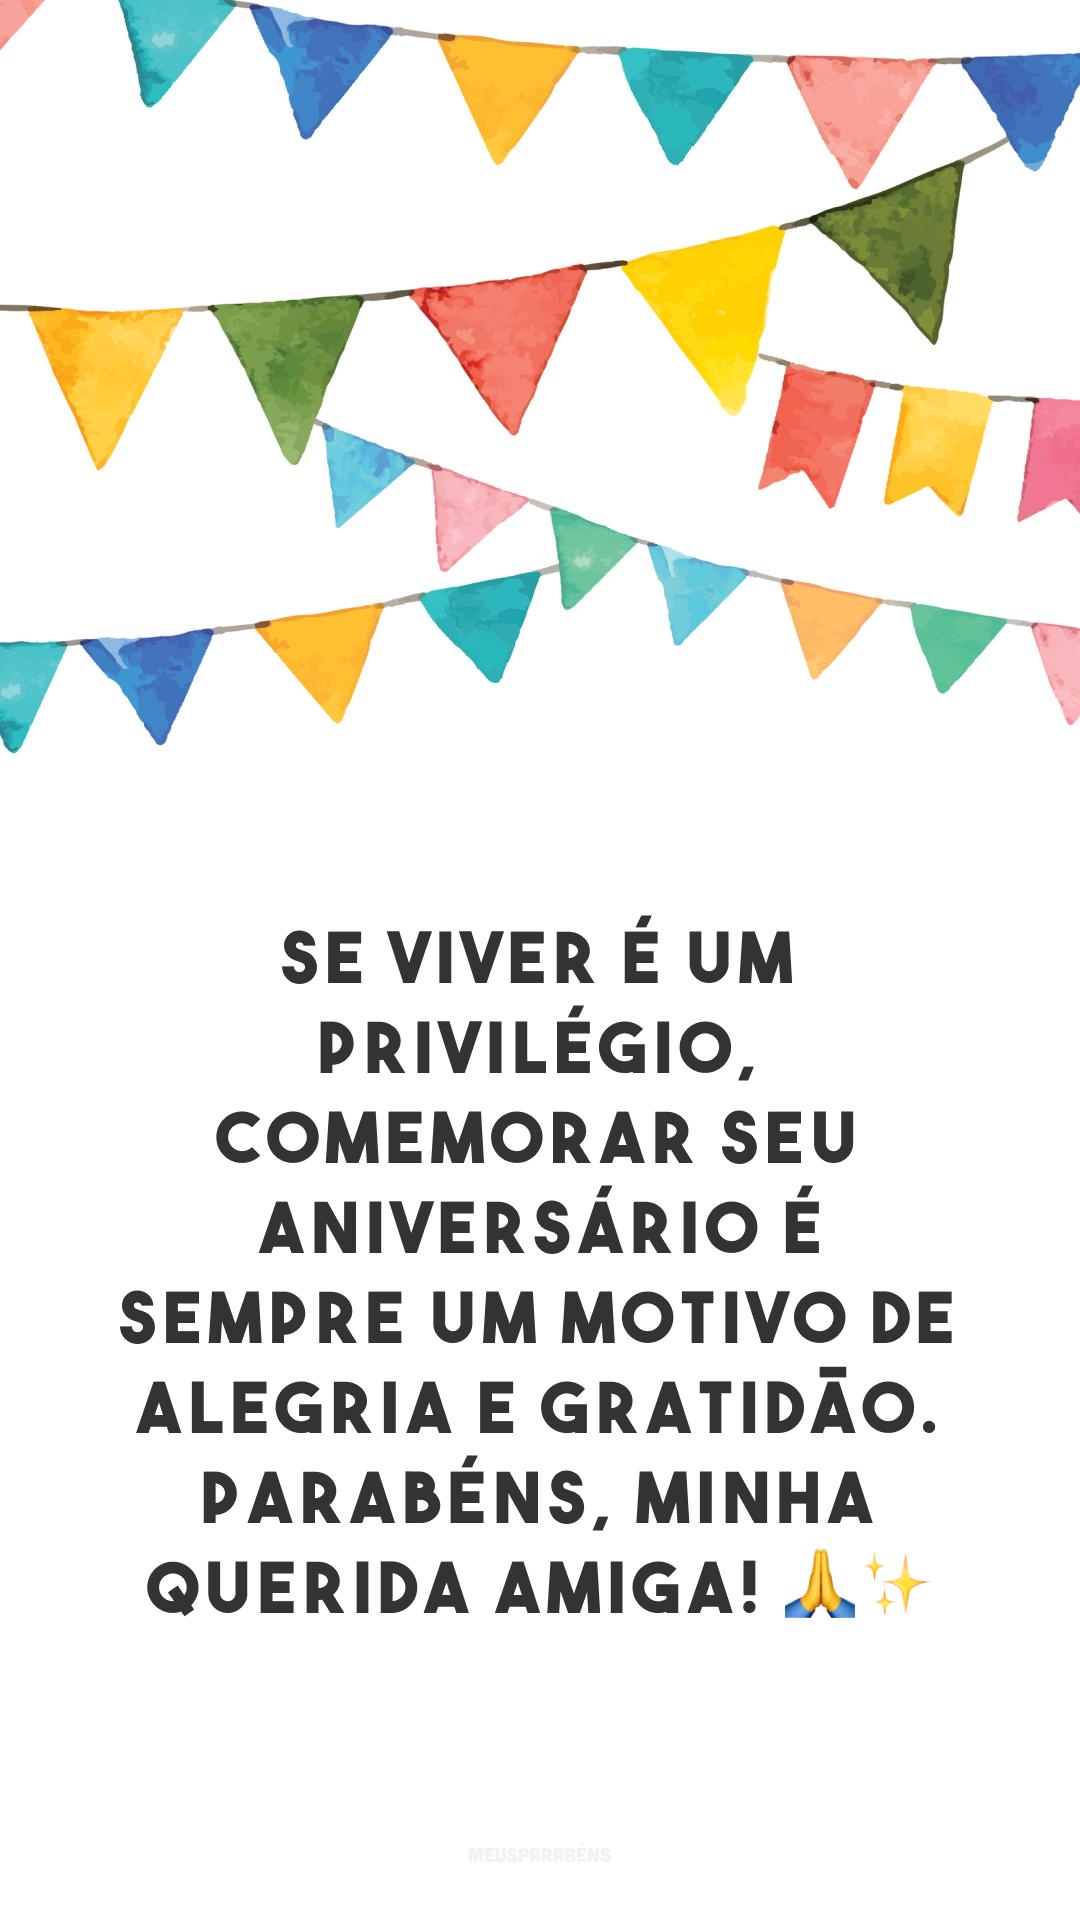 Se viver é um privilégio, comemorar seu aniversário é sempre um motivo de alegria e gratidão. Parabéns, minha querida amiga! ?✨